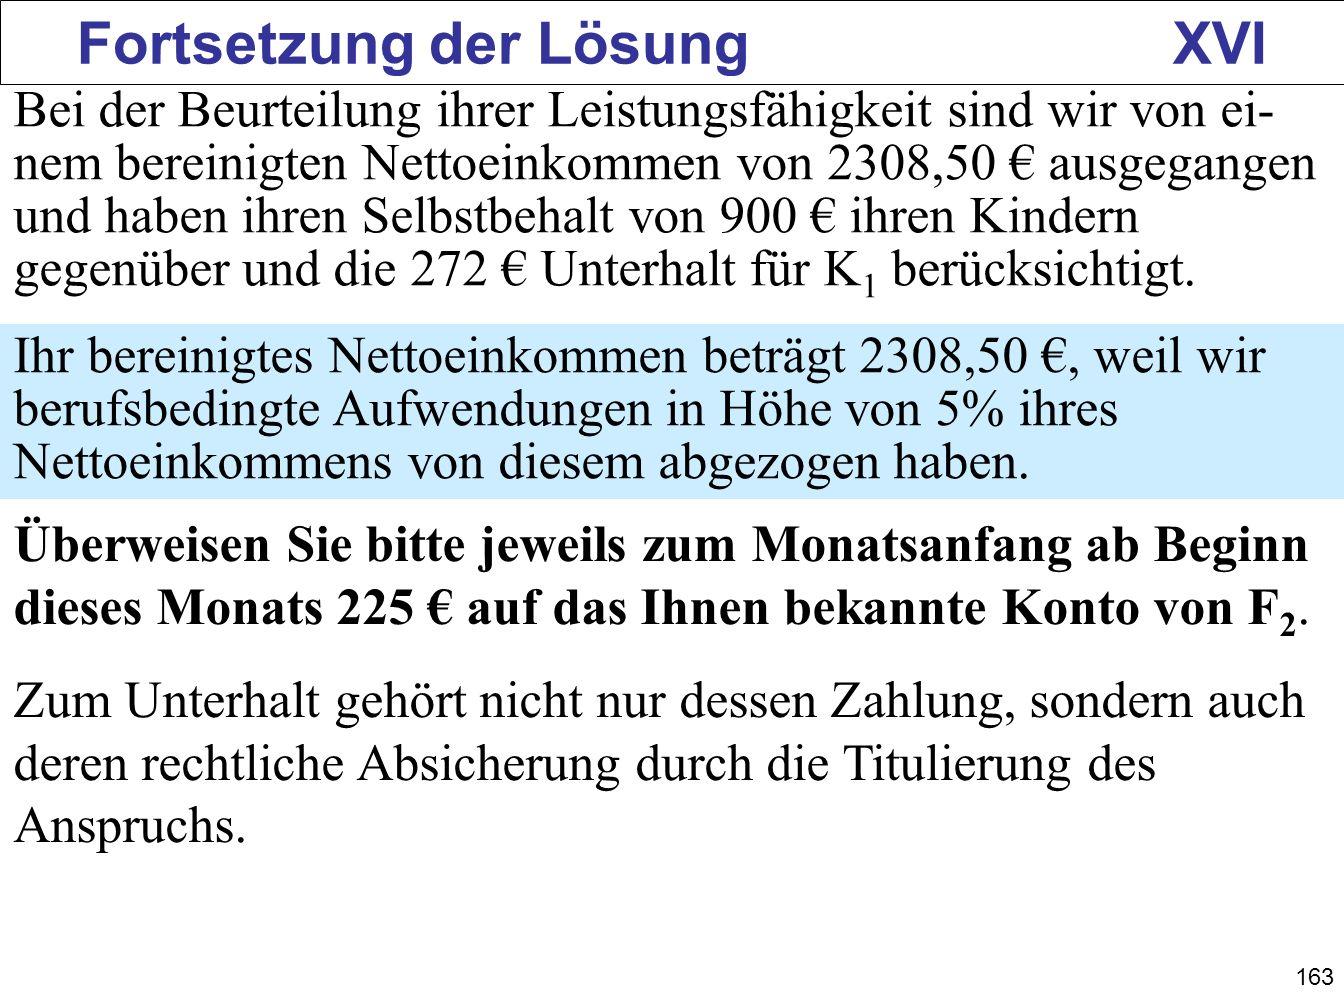 163 Fortsetzung der Lösung XVI Bei der Beurteilung ihrer Leistungsfähigkeit sind wir von ei- nem bereinigten Nettoeinkommen von 2308,50 ausgegangen un